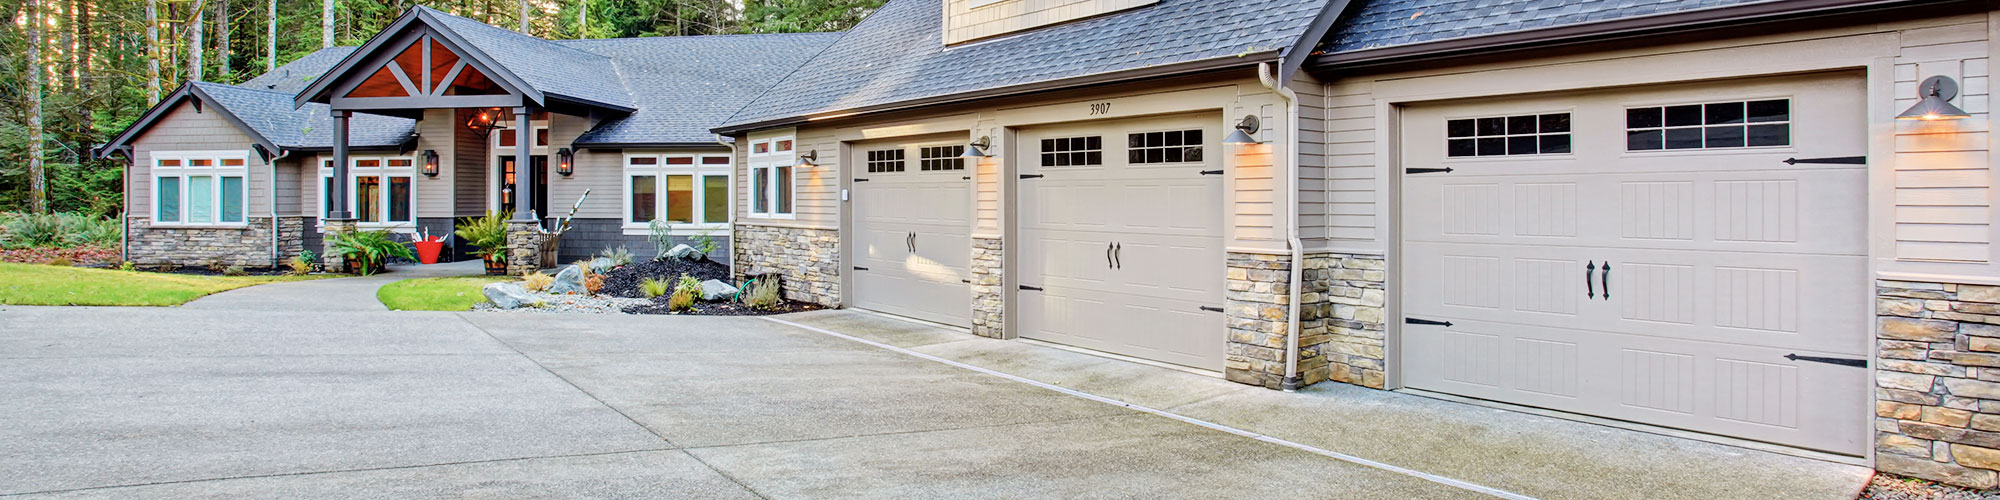 garage-door-spring Garage Door Spring